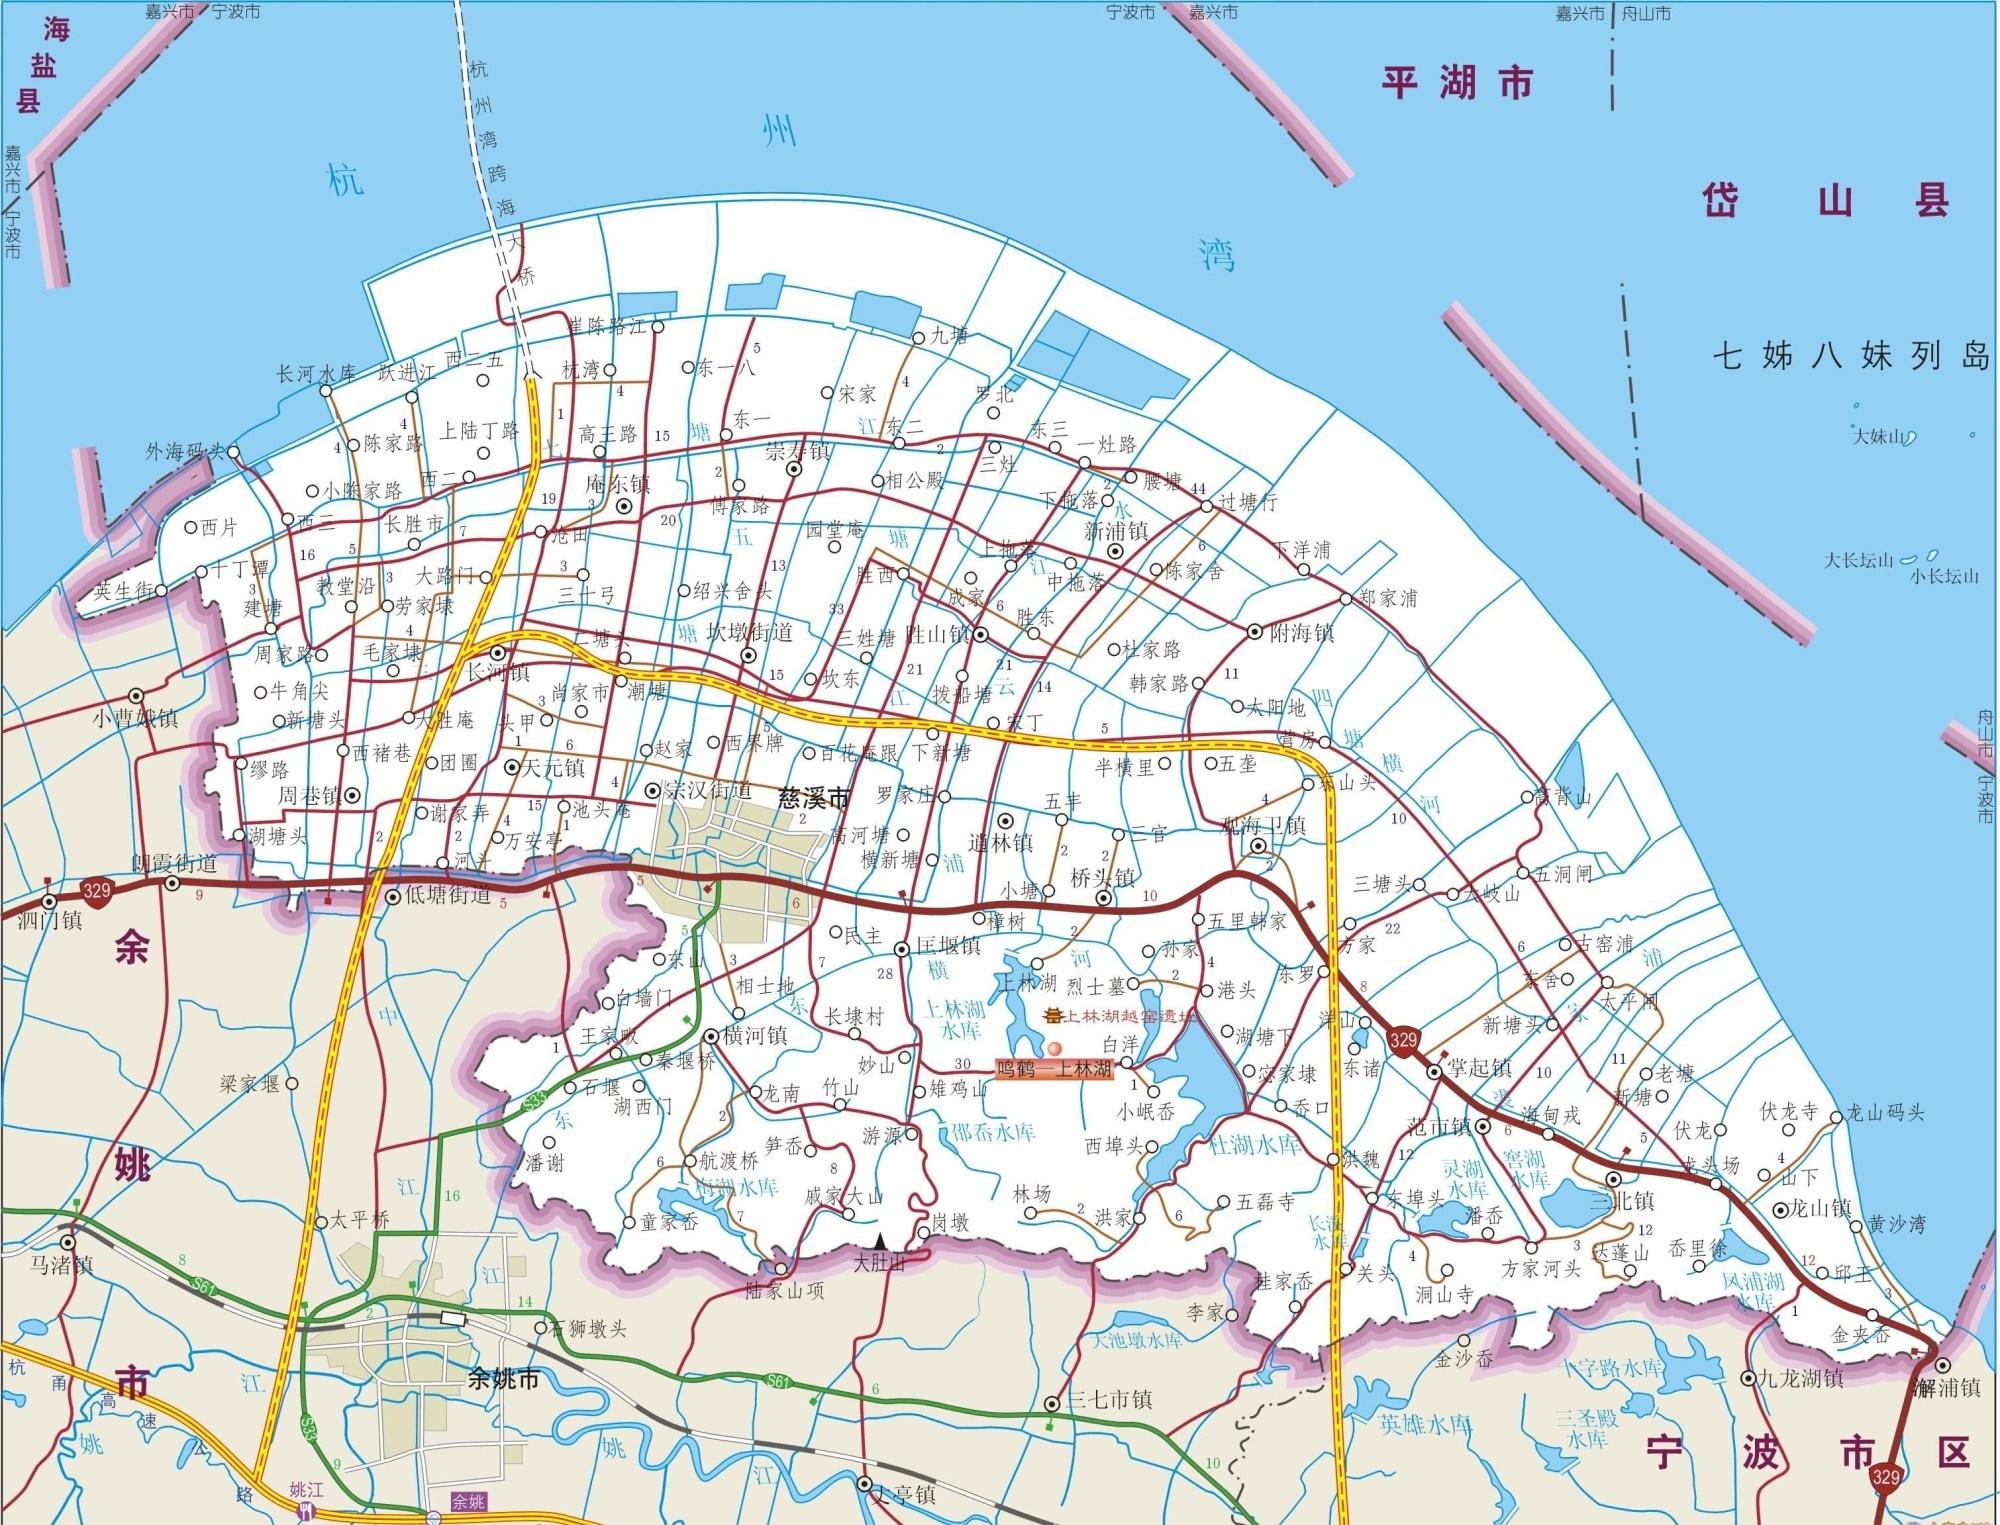 宁波余姚的地图